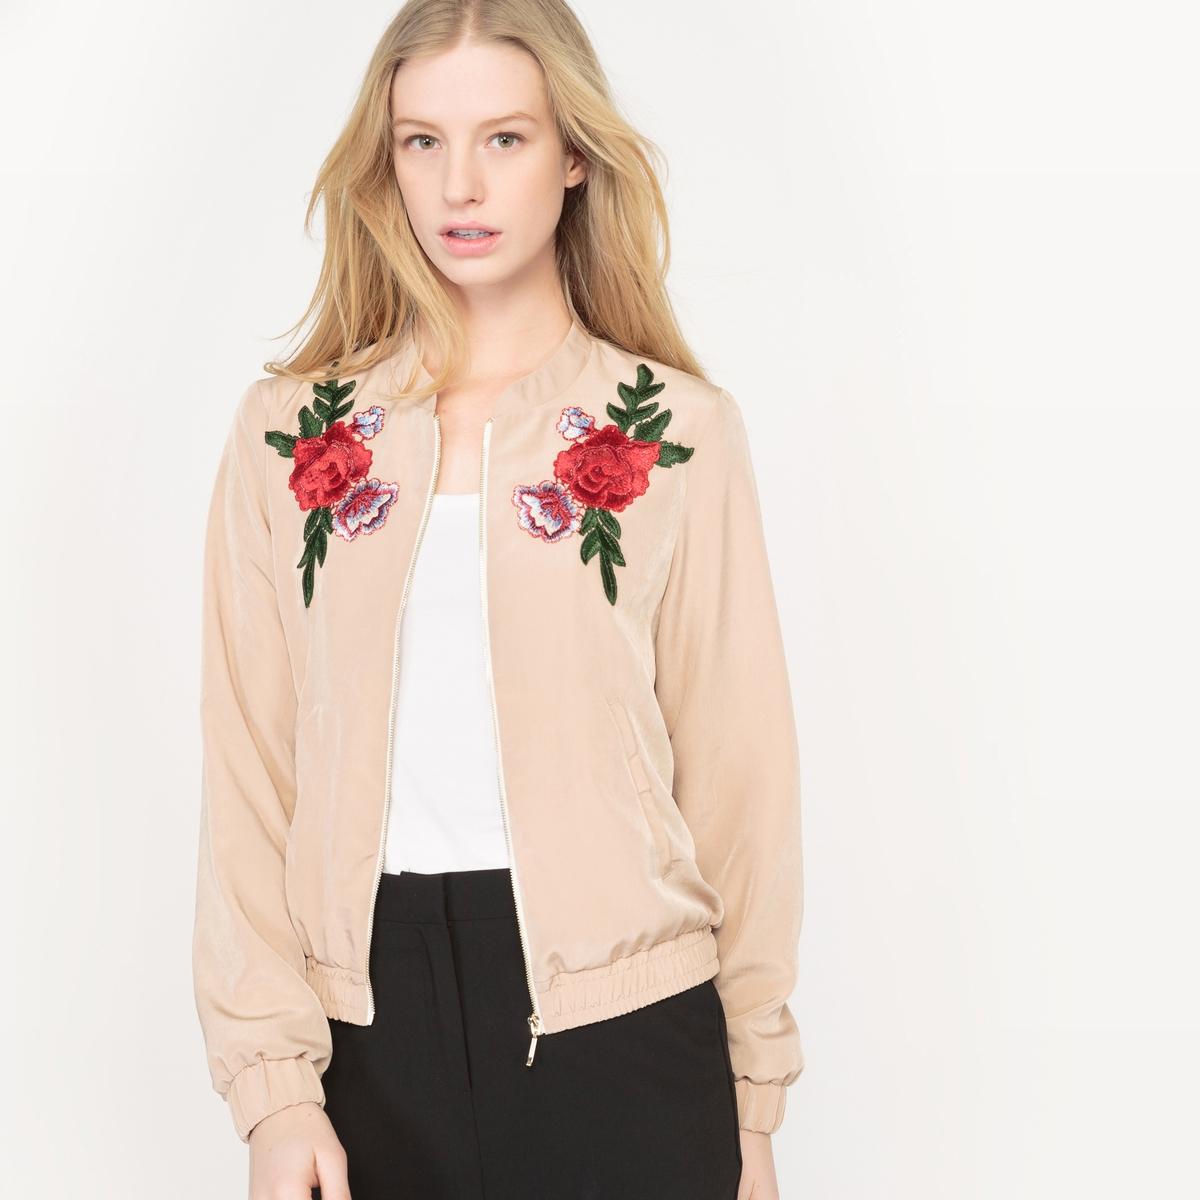 Куртка-бомбер с цветочным рисункомКуртка-бомбер легкая . Длинные рукава. Застежка на молнию спереди . Аппликация из вышитых цветов спереди . 2 косых кармана спереди. Манжеты и низ на резинке. Подкладка. Состав и описаниеМатериал : 100% полиэстер - Подкладка : 100% полиэстерДлина : 57 смМарка : Mademoiselle R.УходМашинная стирка при 30°C на умеренном режиме Стирать и гладить с изнаночной стороны.Гладить при низкой температуреБарабанная сушка запрещенаОтбеливание запрещеноСухая (химическая) чистка запрещена<br><br>Цвет: бежевый